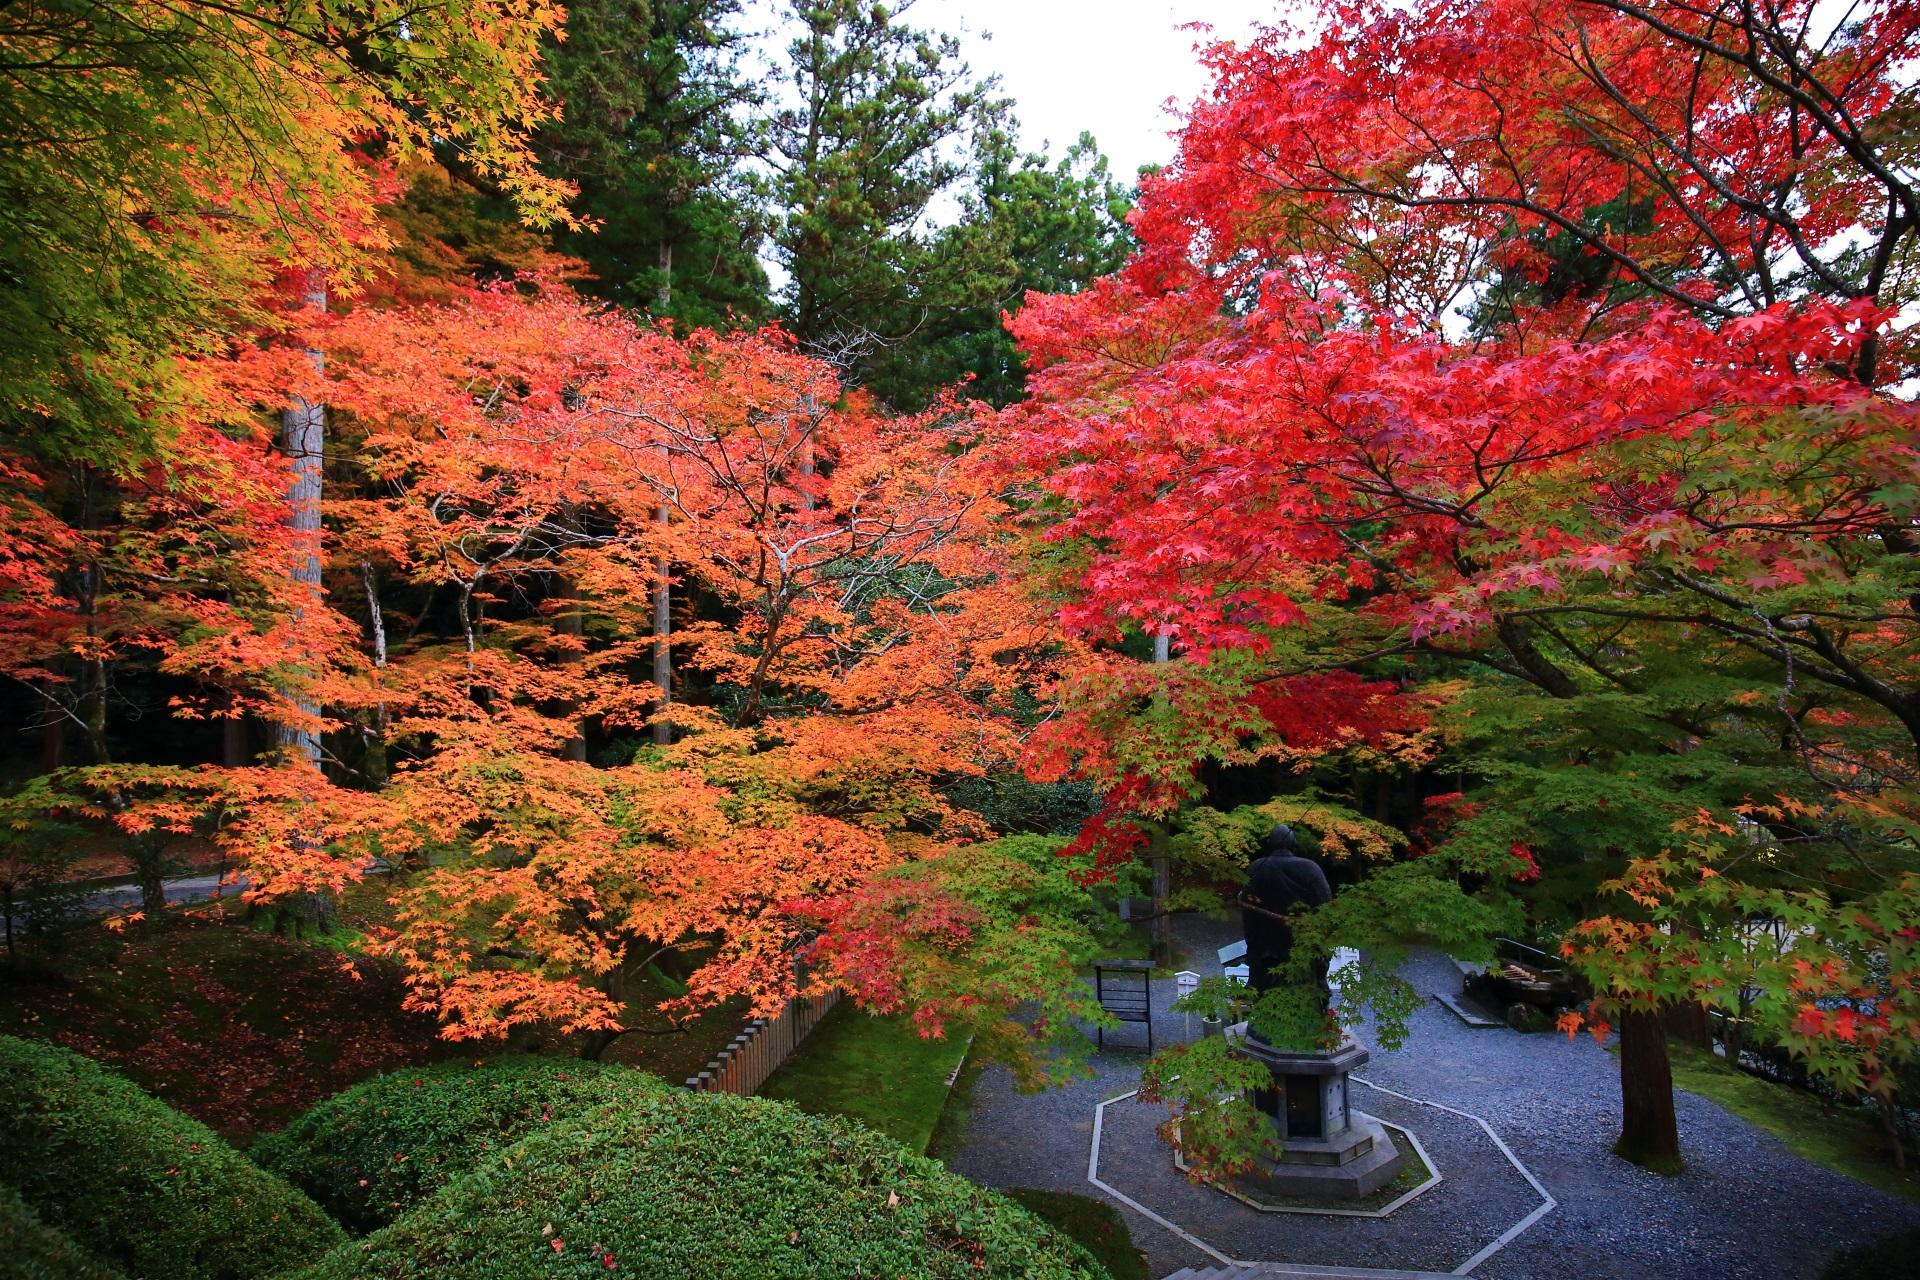 上から眺めた子護大師像と鮮やかな色づきの紅葉